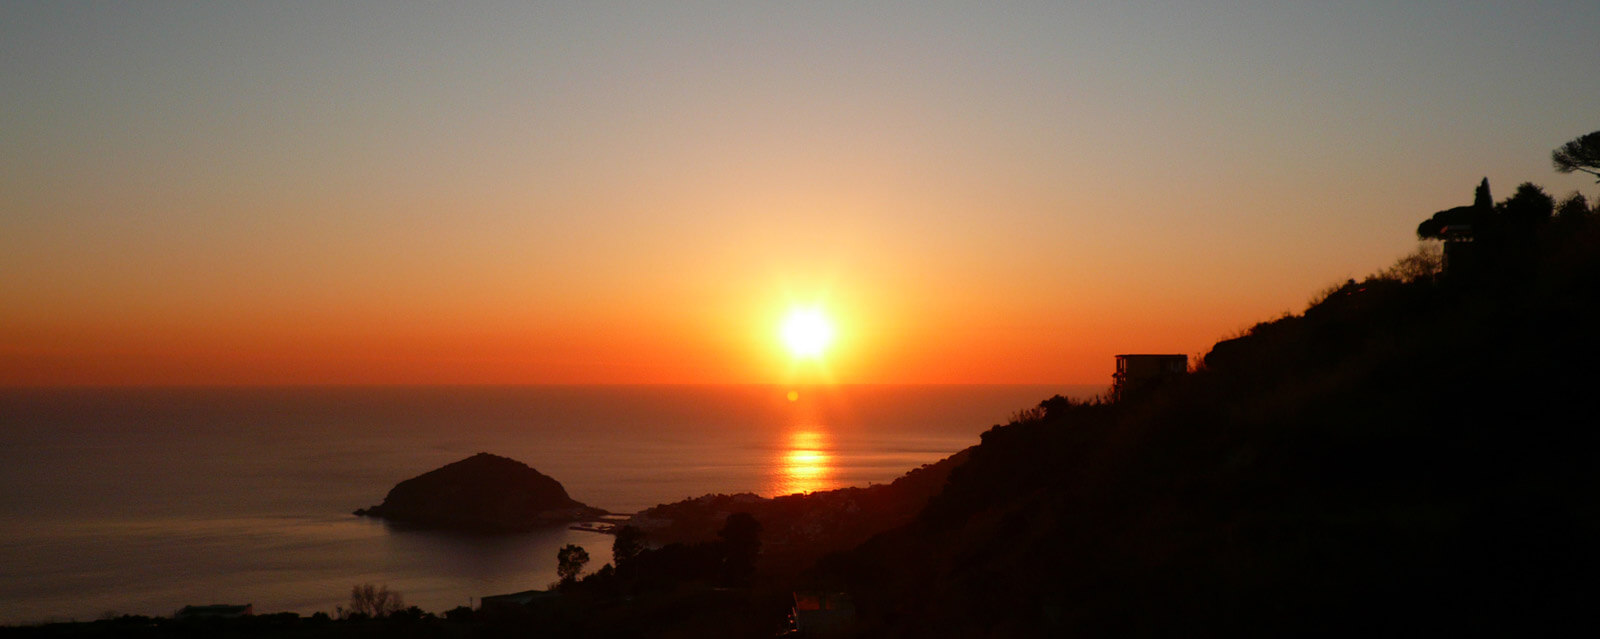 Viaggi a Ischia: Offerte Viaggi a Ischia, Pacchetti Viaggio a Ischia